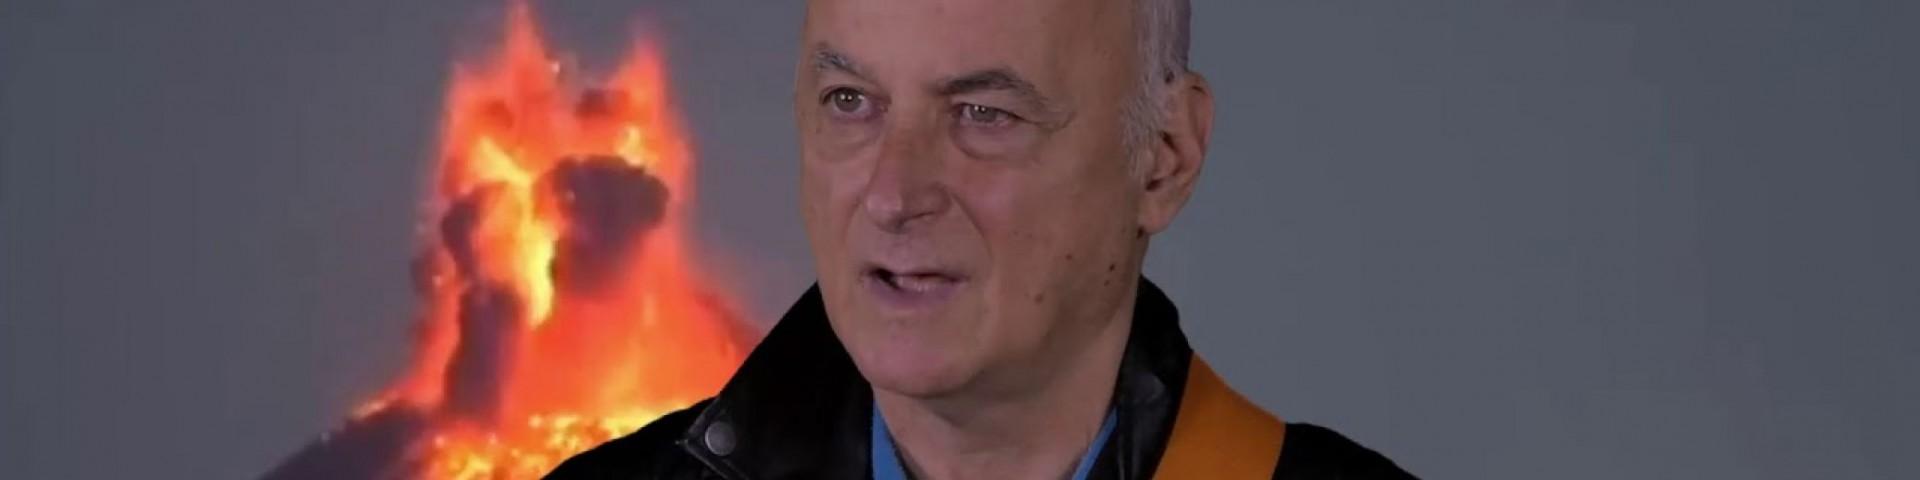 Chi è il Maestro Domenico Bini? La nuova star del web